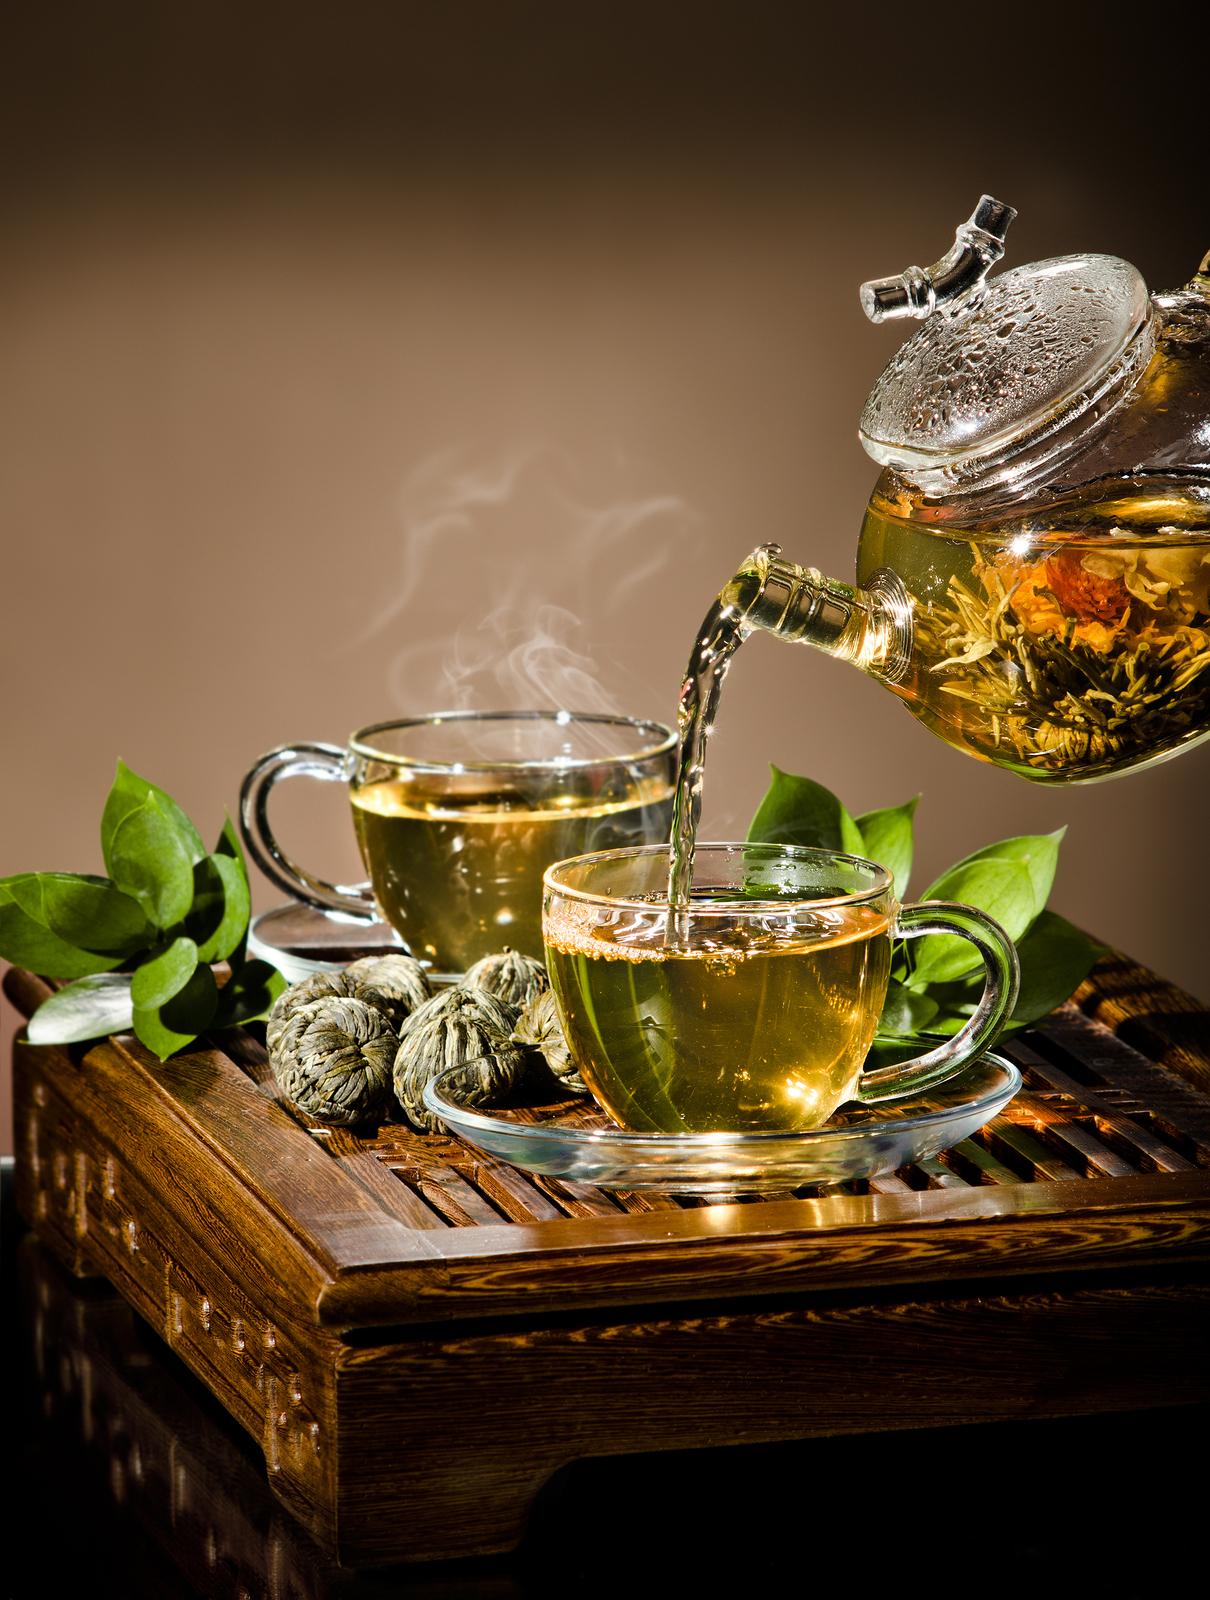 права картинки зеленого чая в чайнике государственный